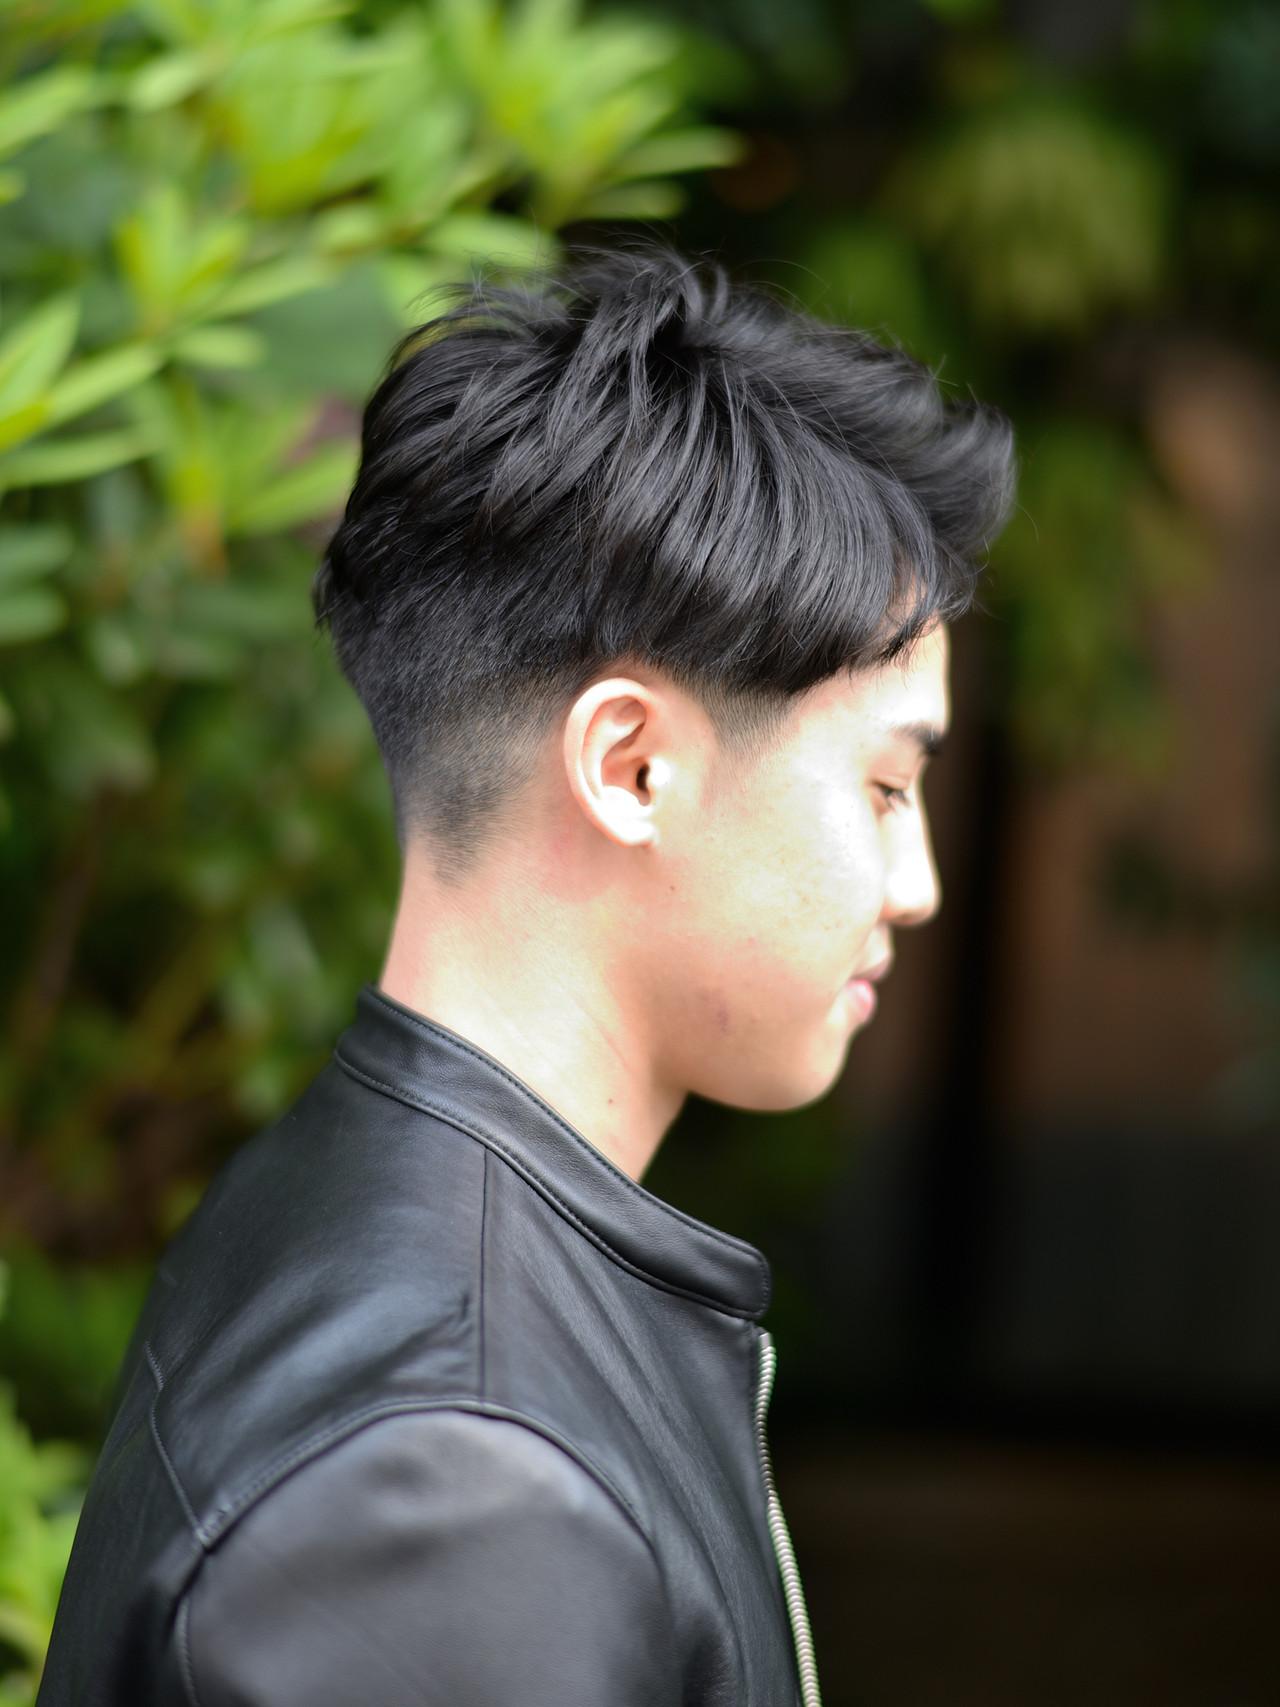 メンズショート メンズ ショート 黒髪 ヘアスタイルや髪型の写真・画像 | 常盤 大地 ウミトス / ウミトス表参道